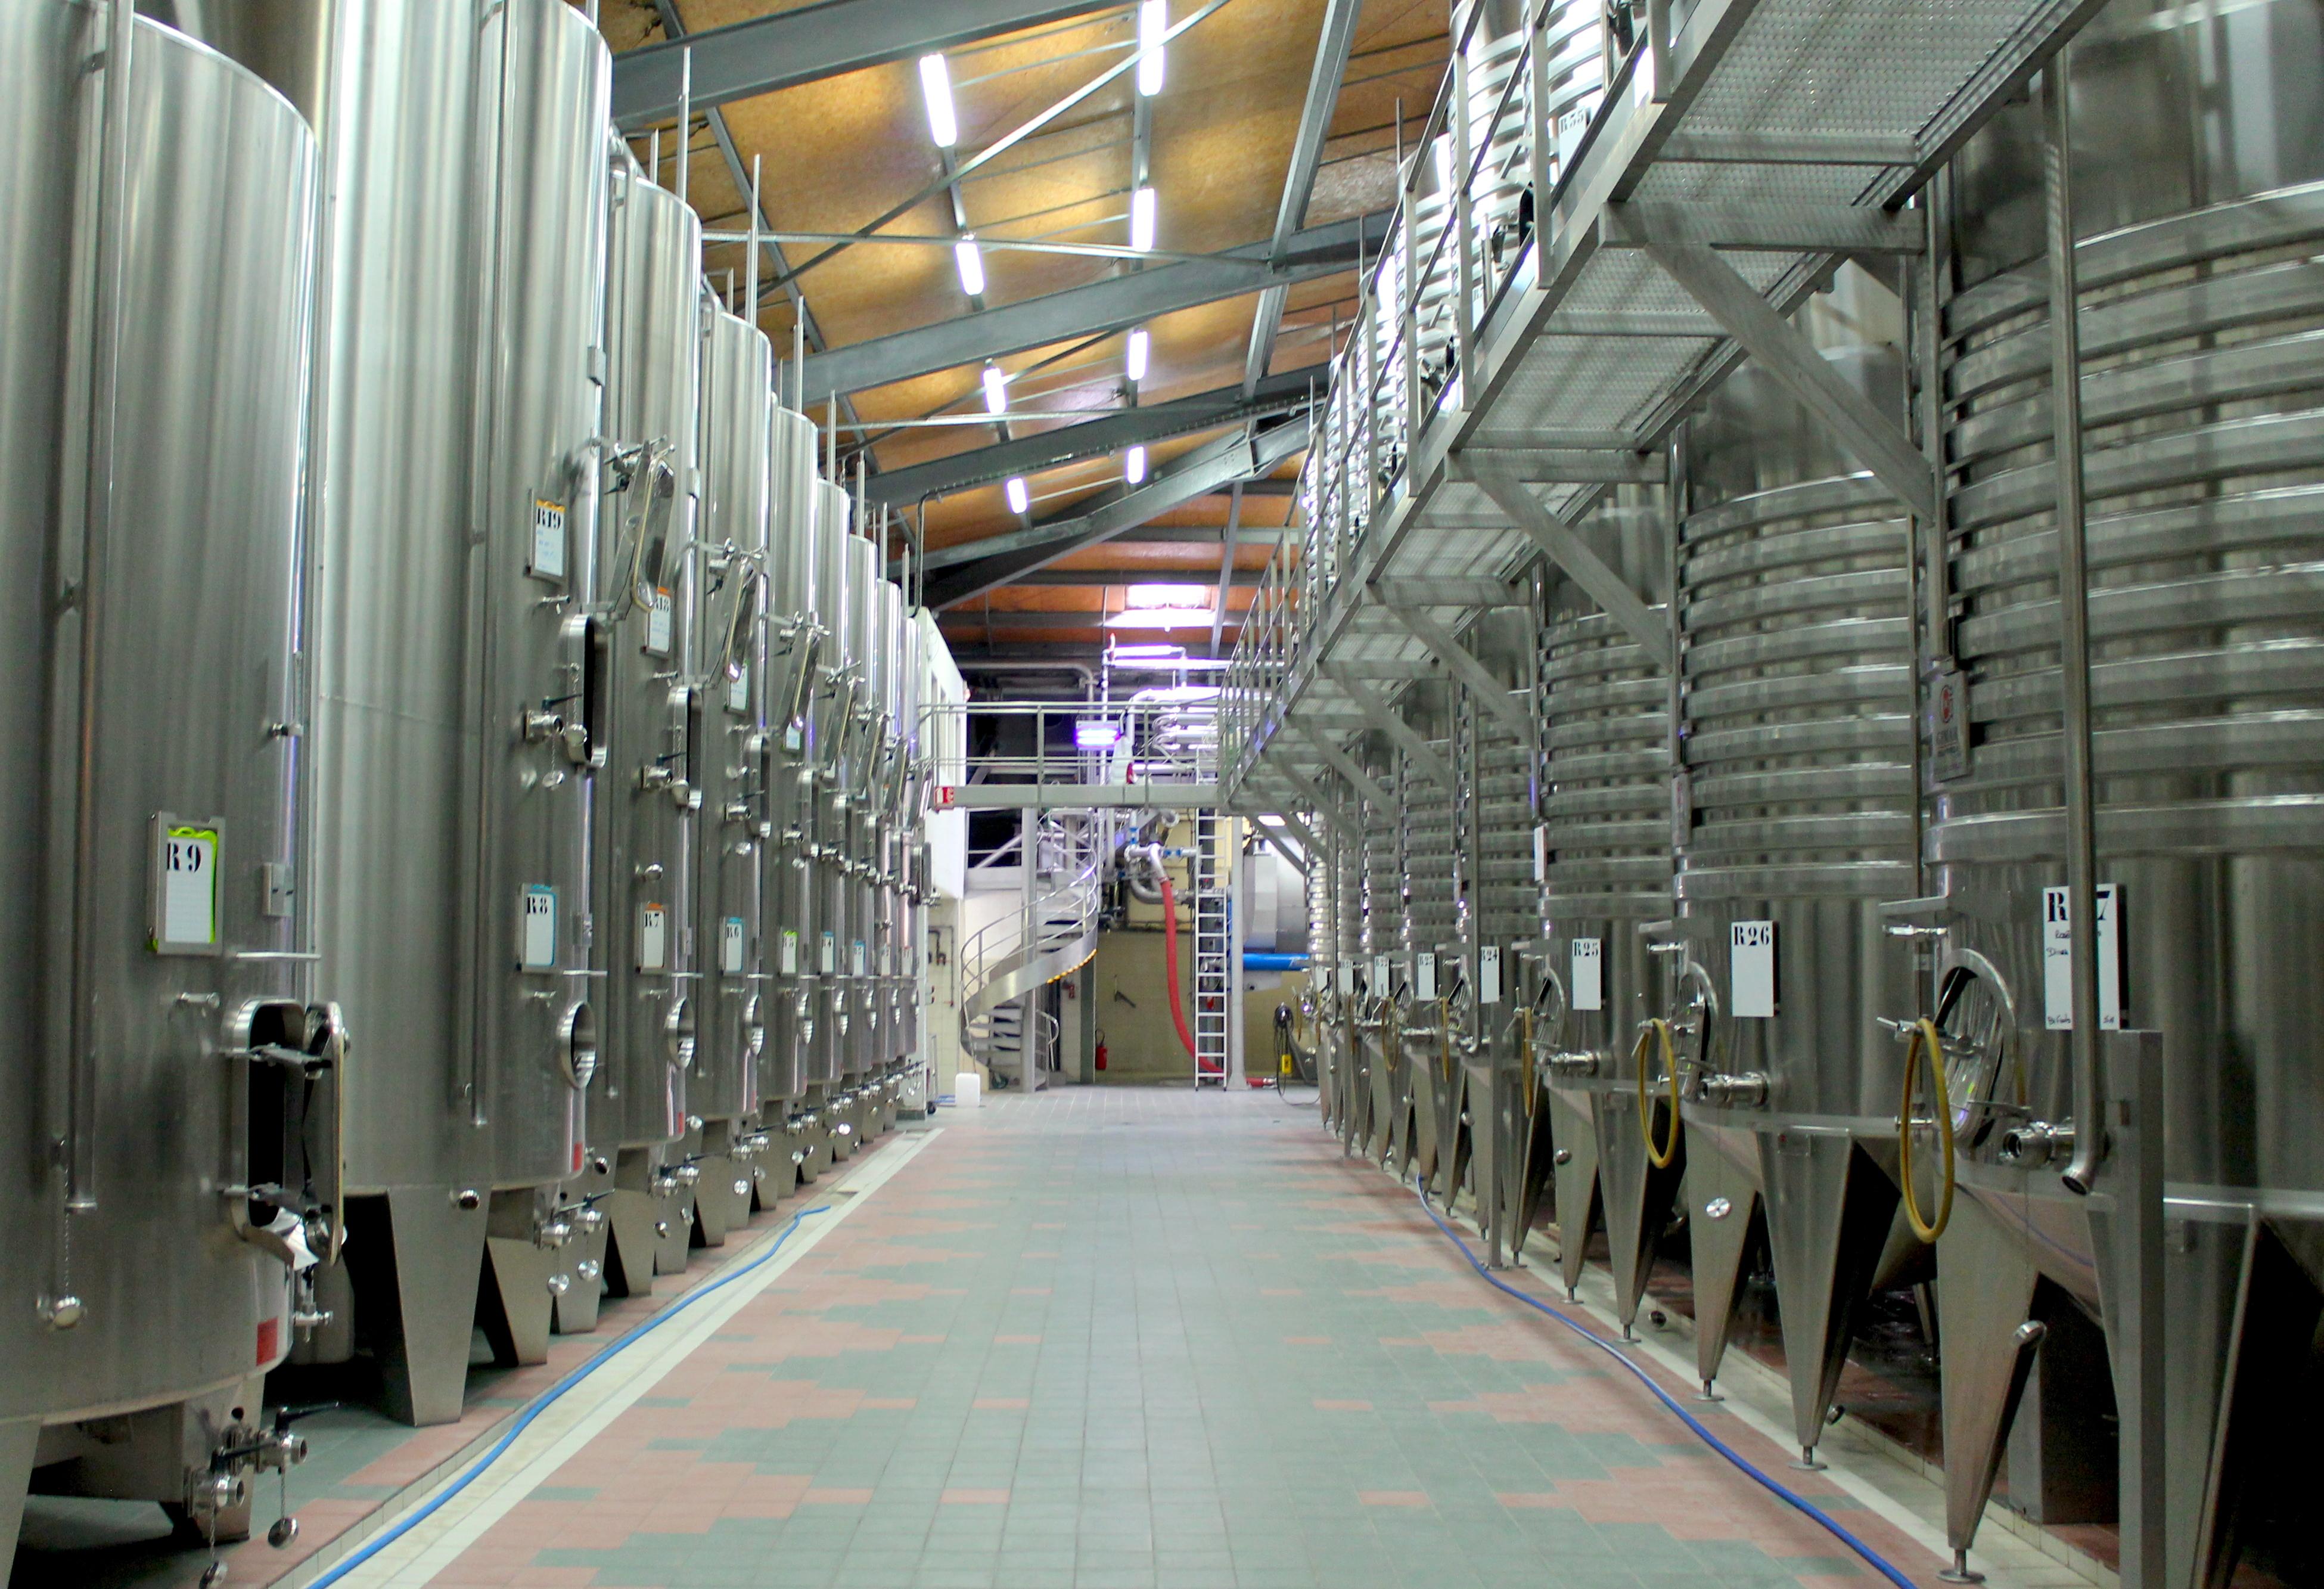 chateaudeberne-wine-france-lustforthesublime